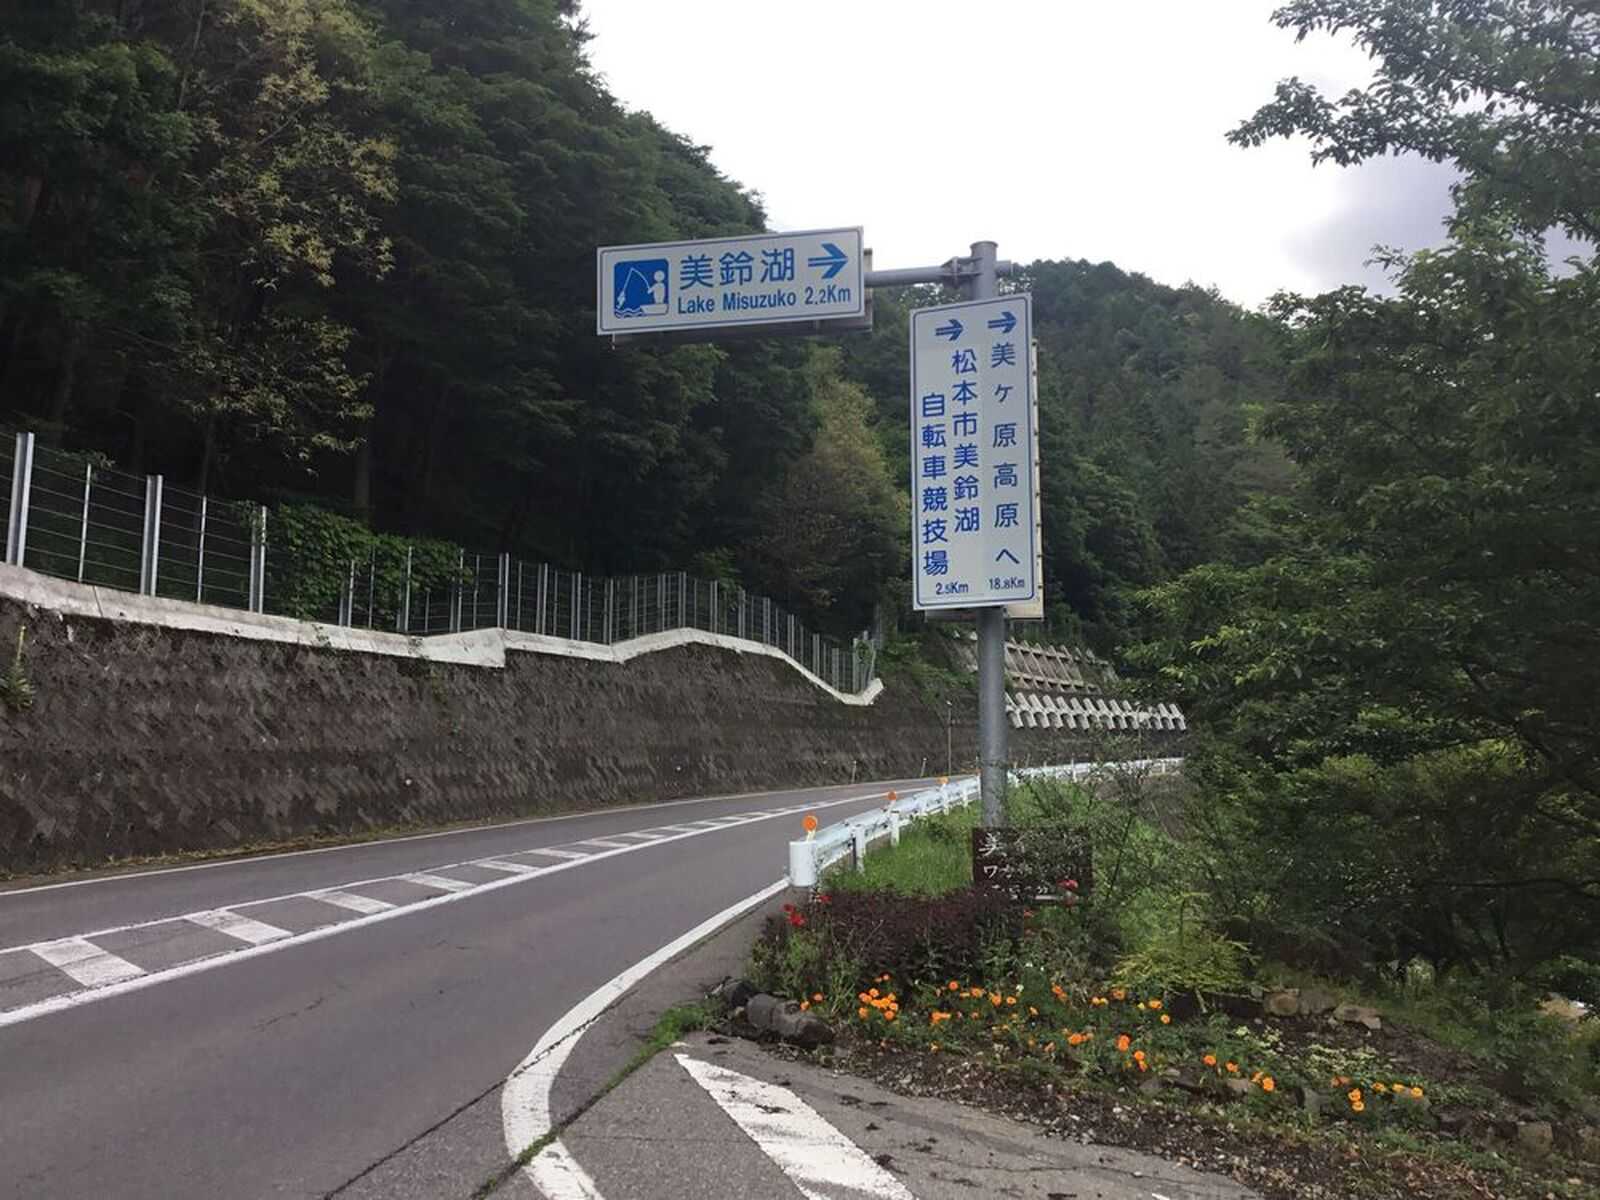 三才山、松本トンネル有料道路が9月1日無料開放、裏ビの全てノーカット ...